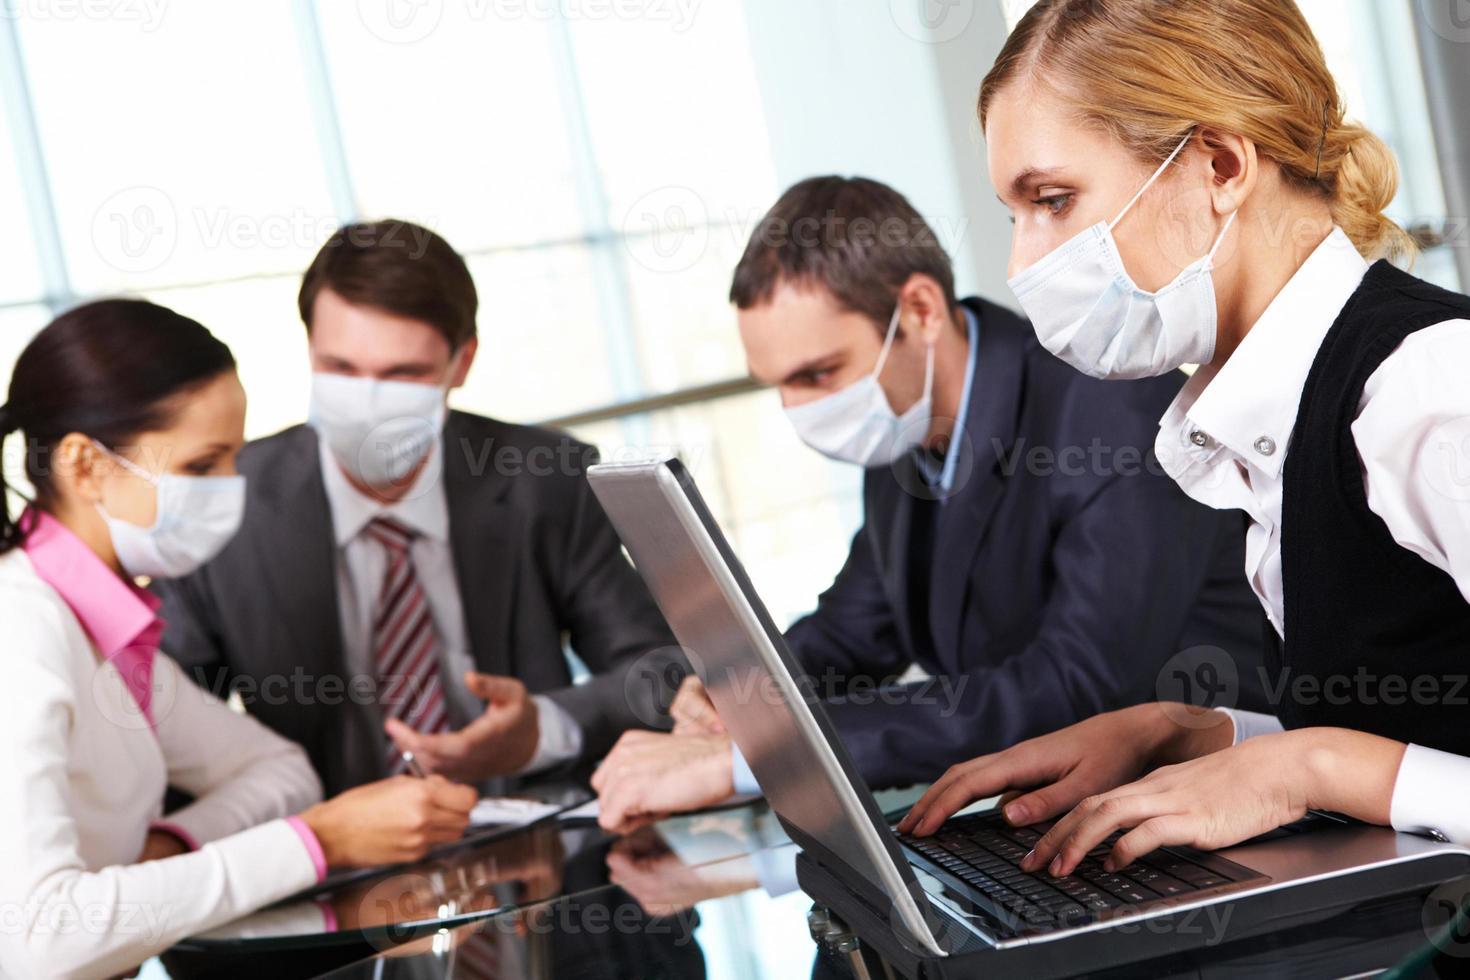 arbetar under influensaepidemi foto